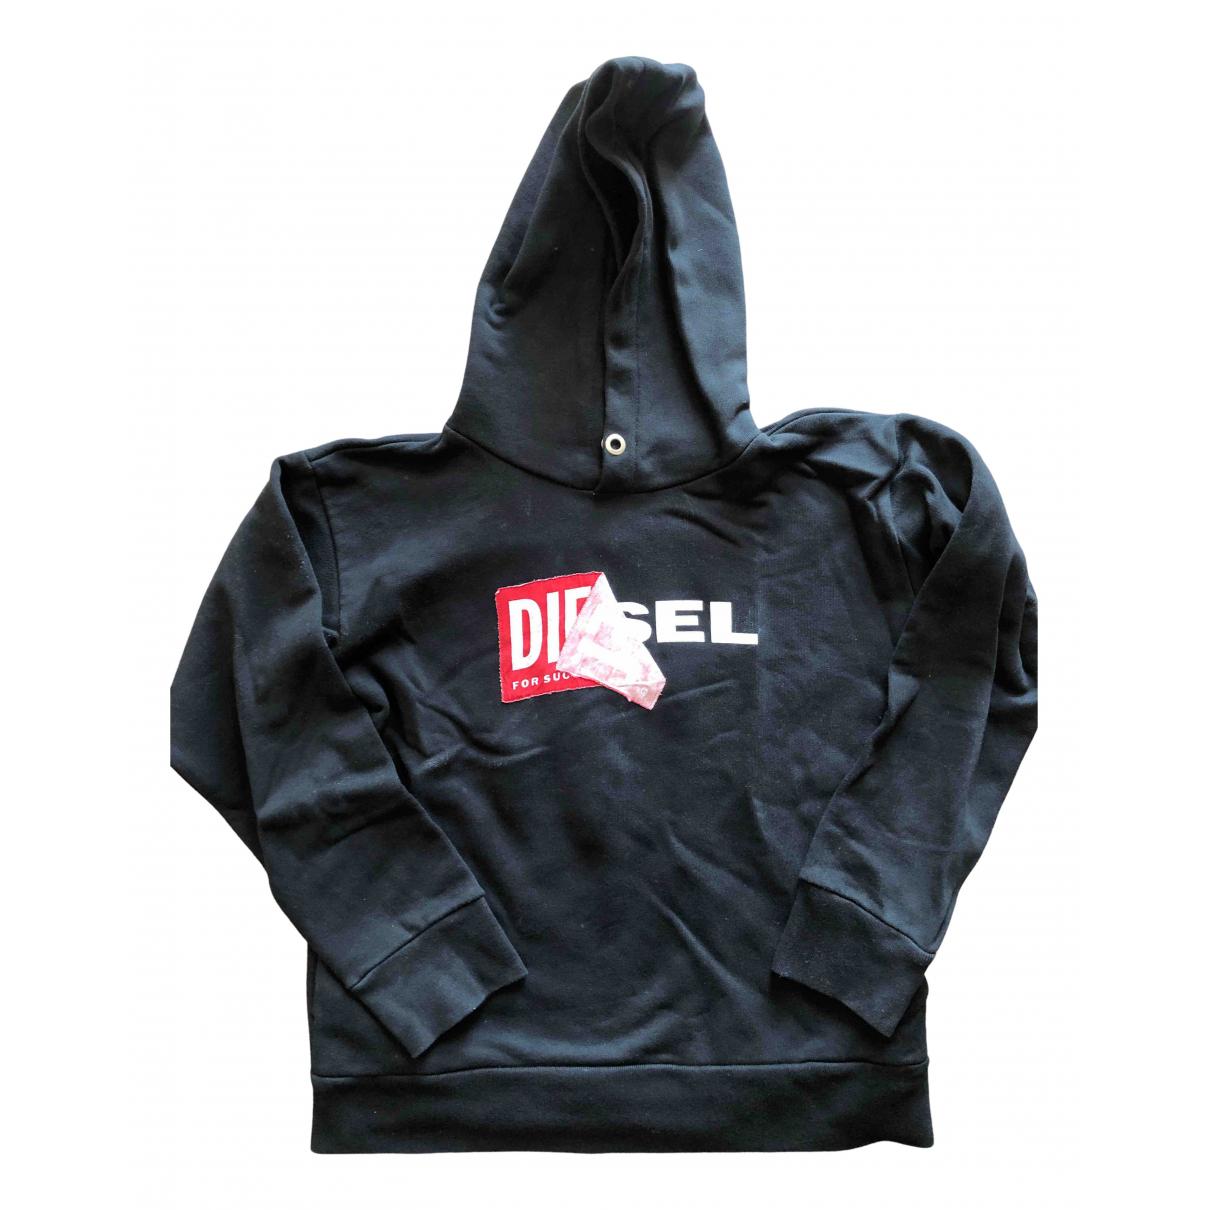 Diesel - Pull   pour enfant en coton - noir